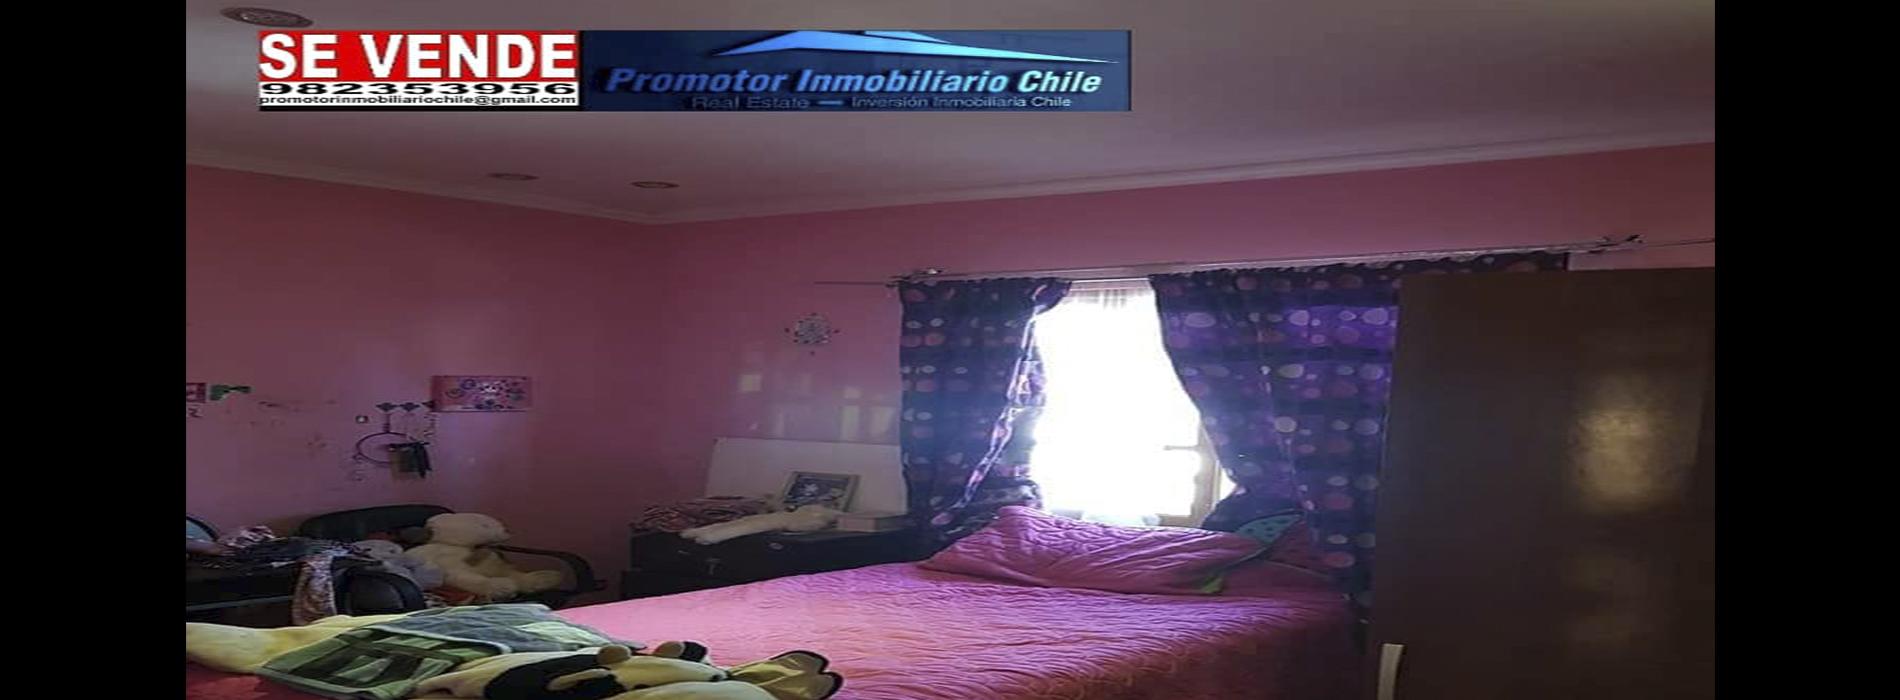 CASAMIRANDA3.jpg